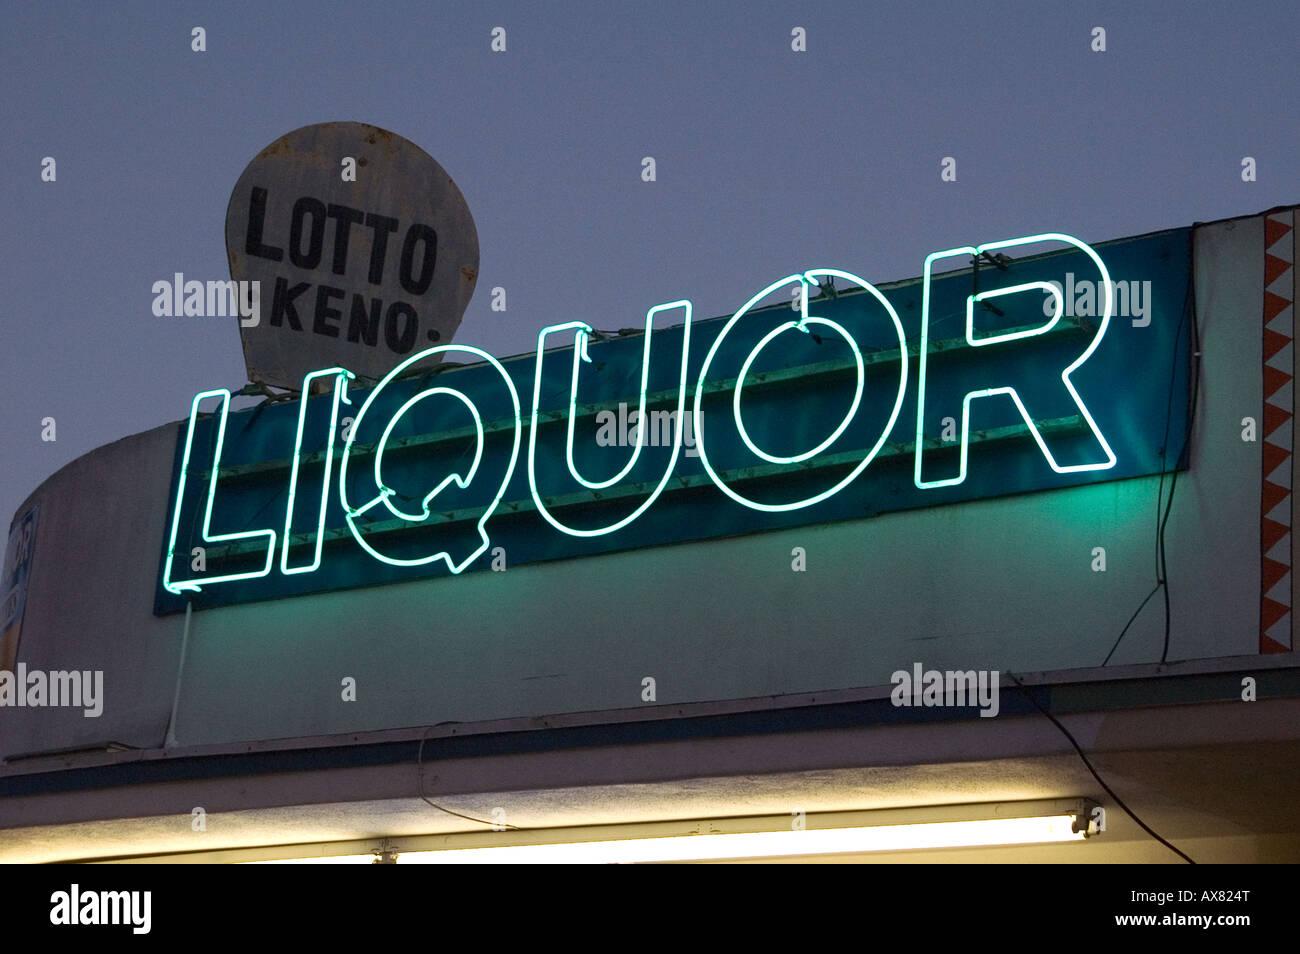 Negozio di liquori sign in San Diego Immagini Stock